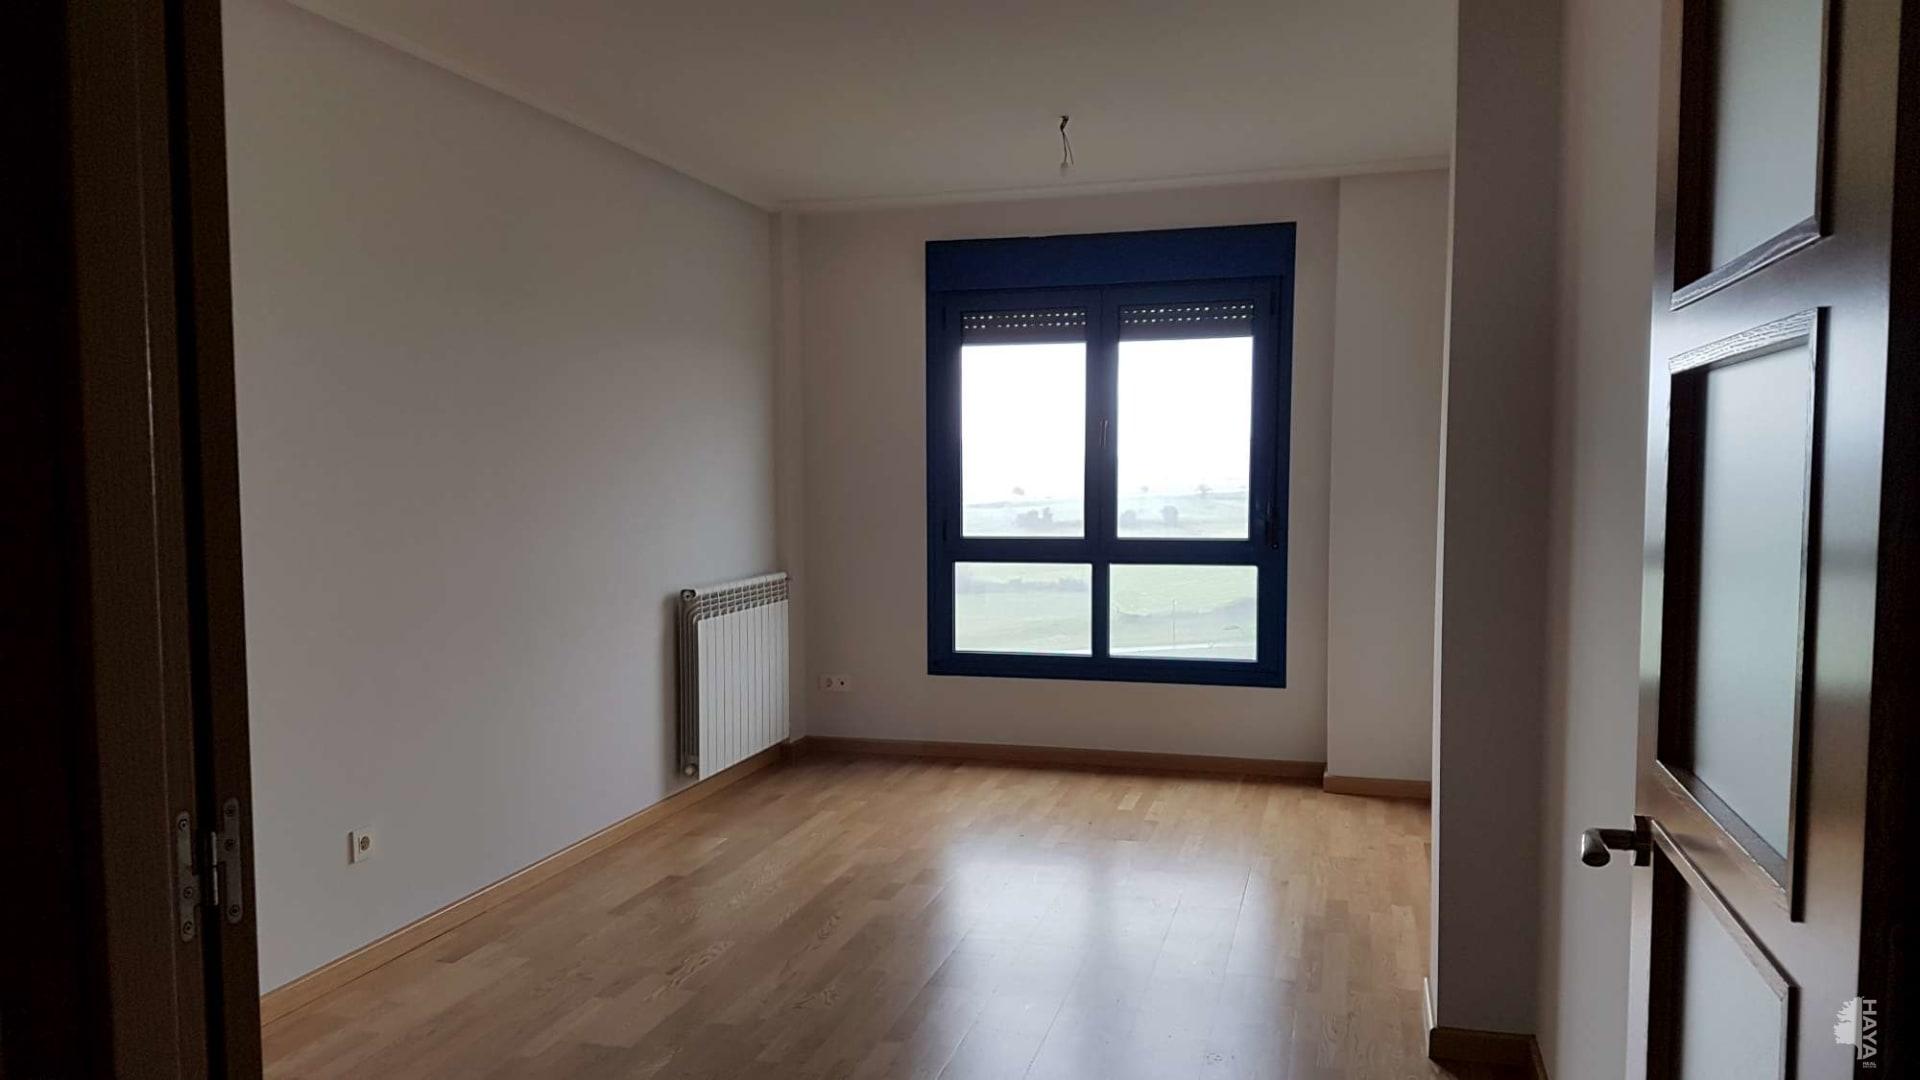 Piso en venta en Favila, Corvera de Asturias, Asturias, Pasaje del Manzano, 116.200 €, 3 habitaciones, 1 baño, 94 m2